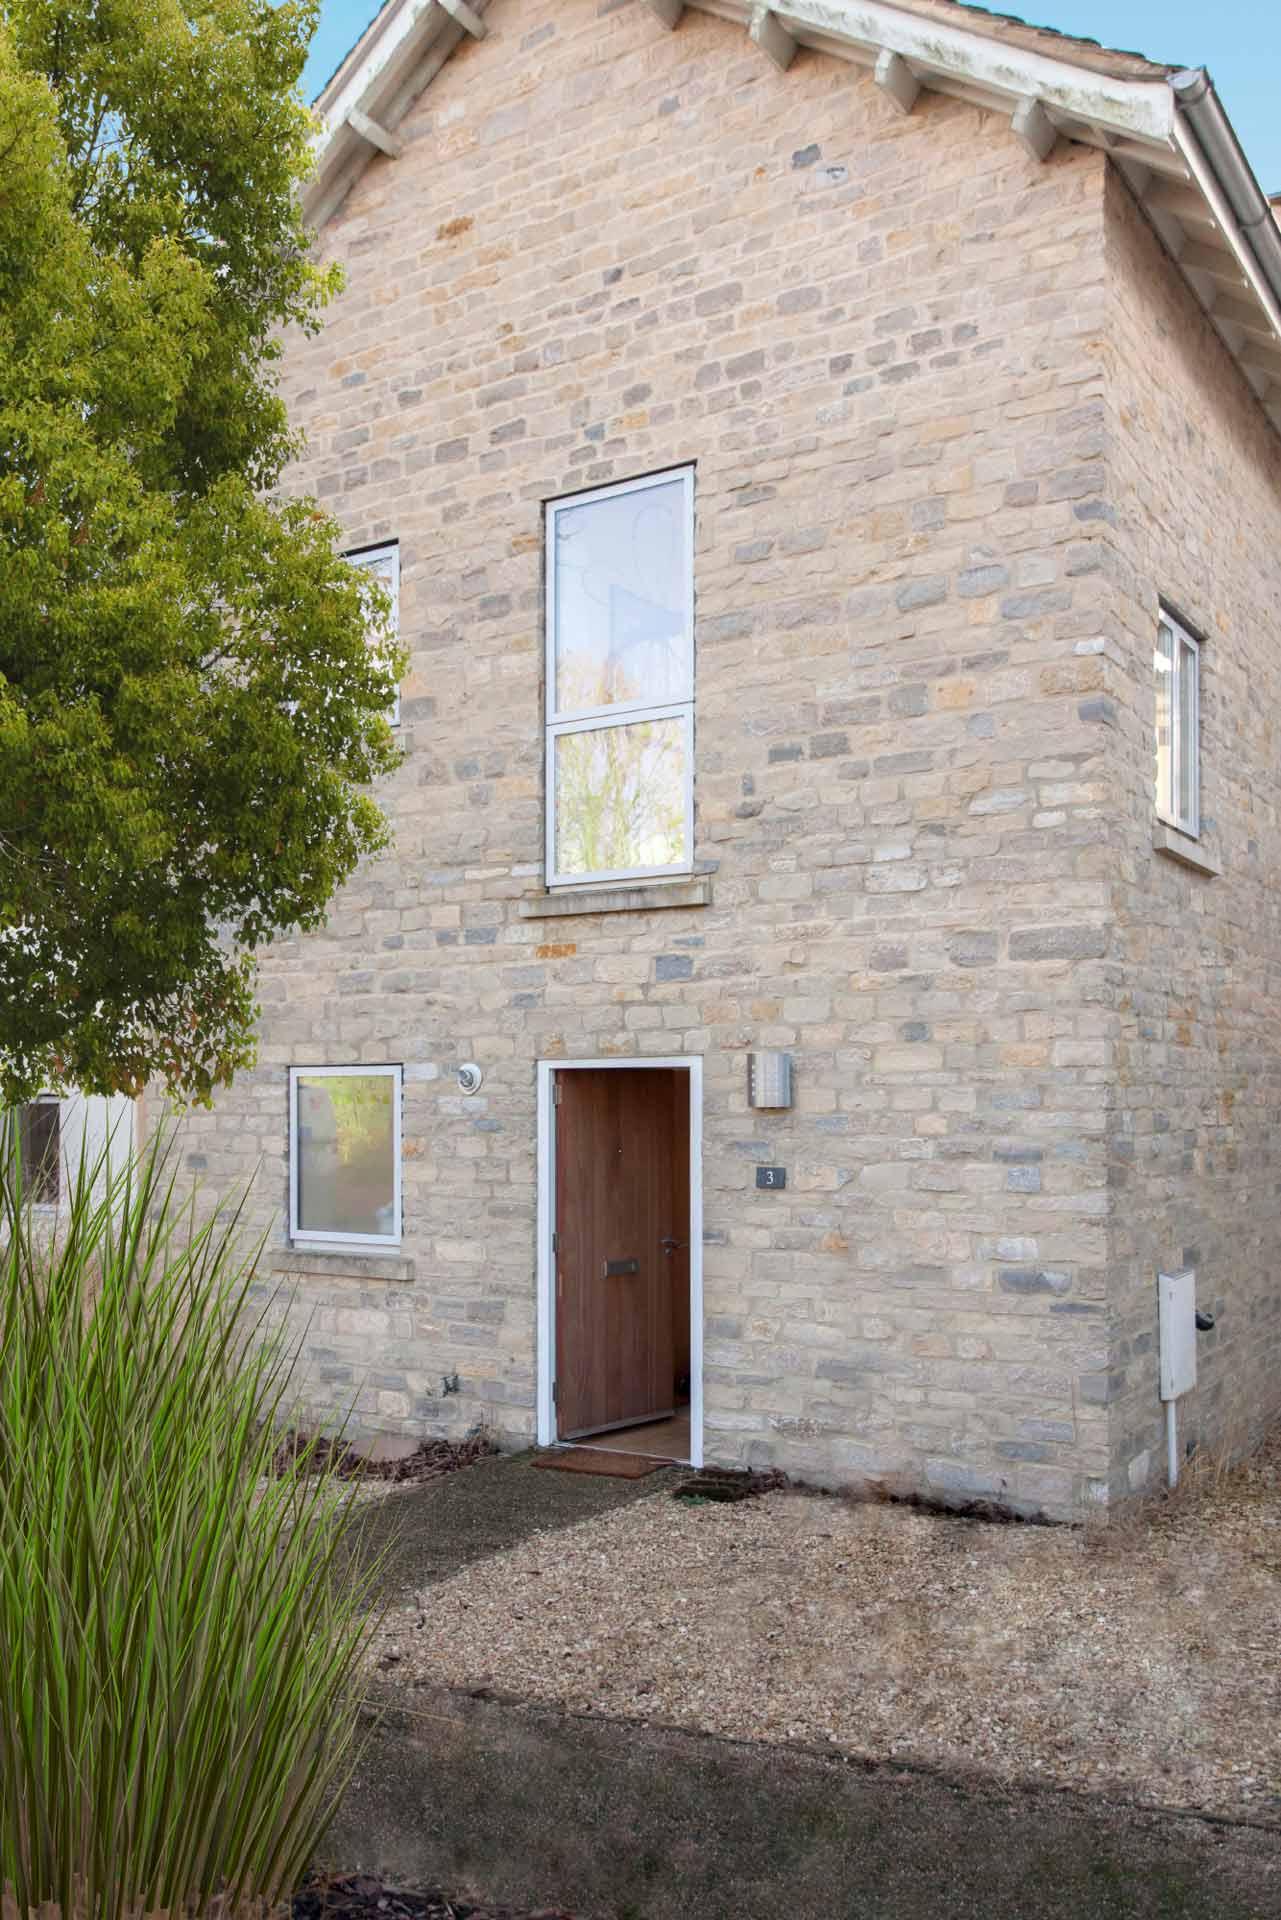 Howells-Mere-3-Lower-Mill-Estate-Rentals-Exterior-3a